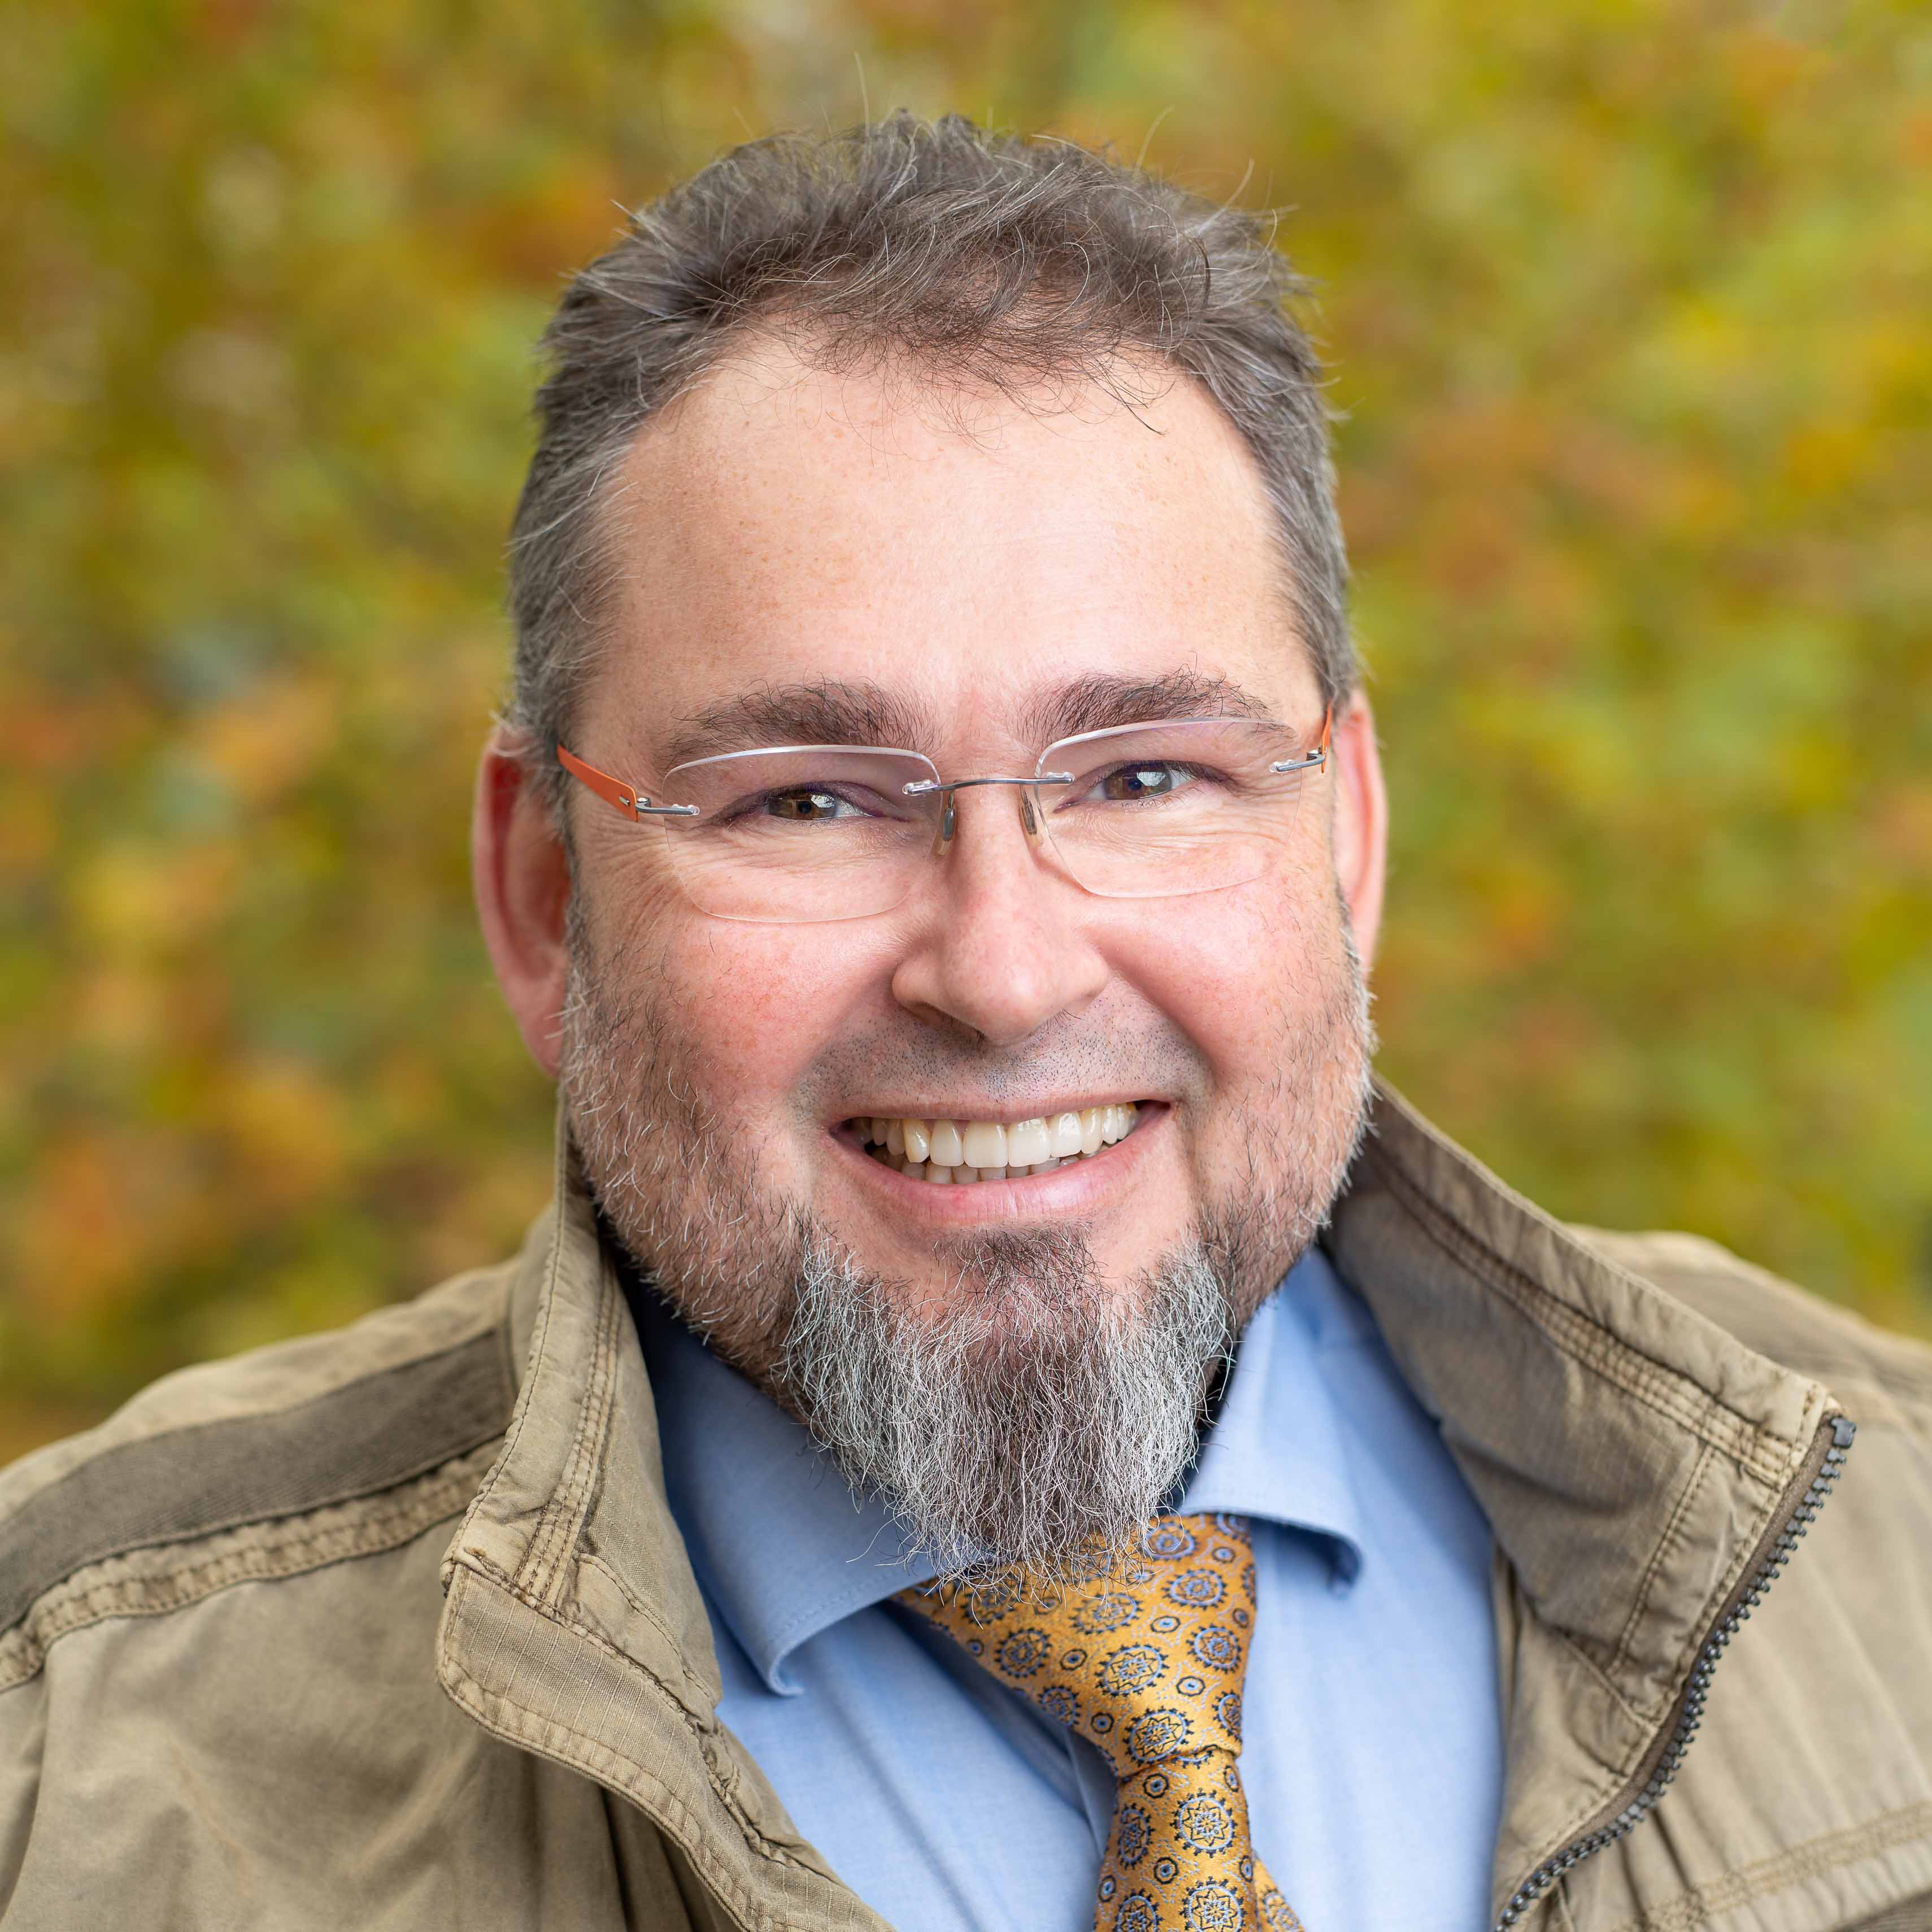 Markus Pitterka